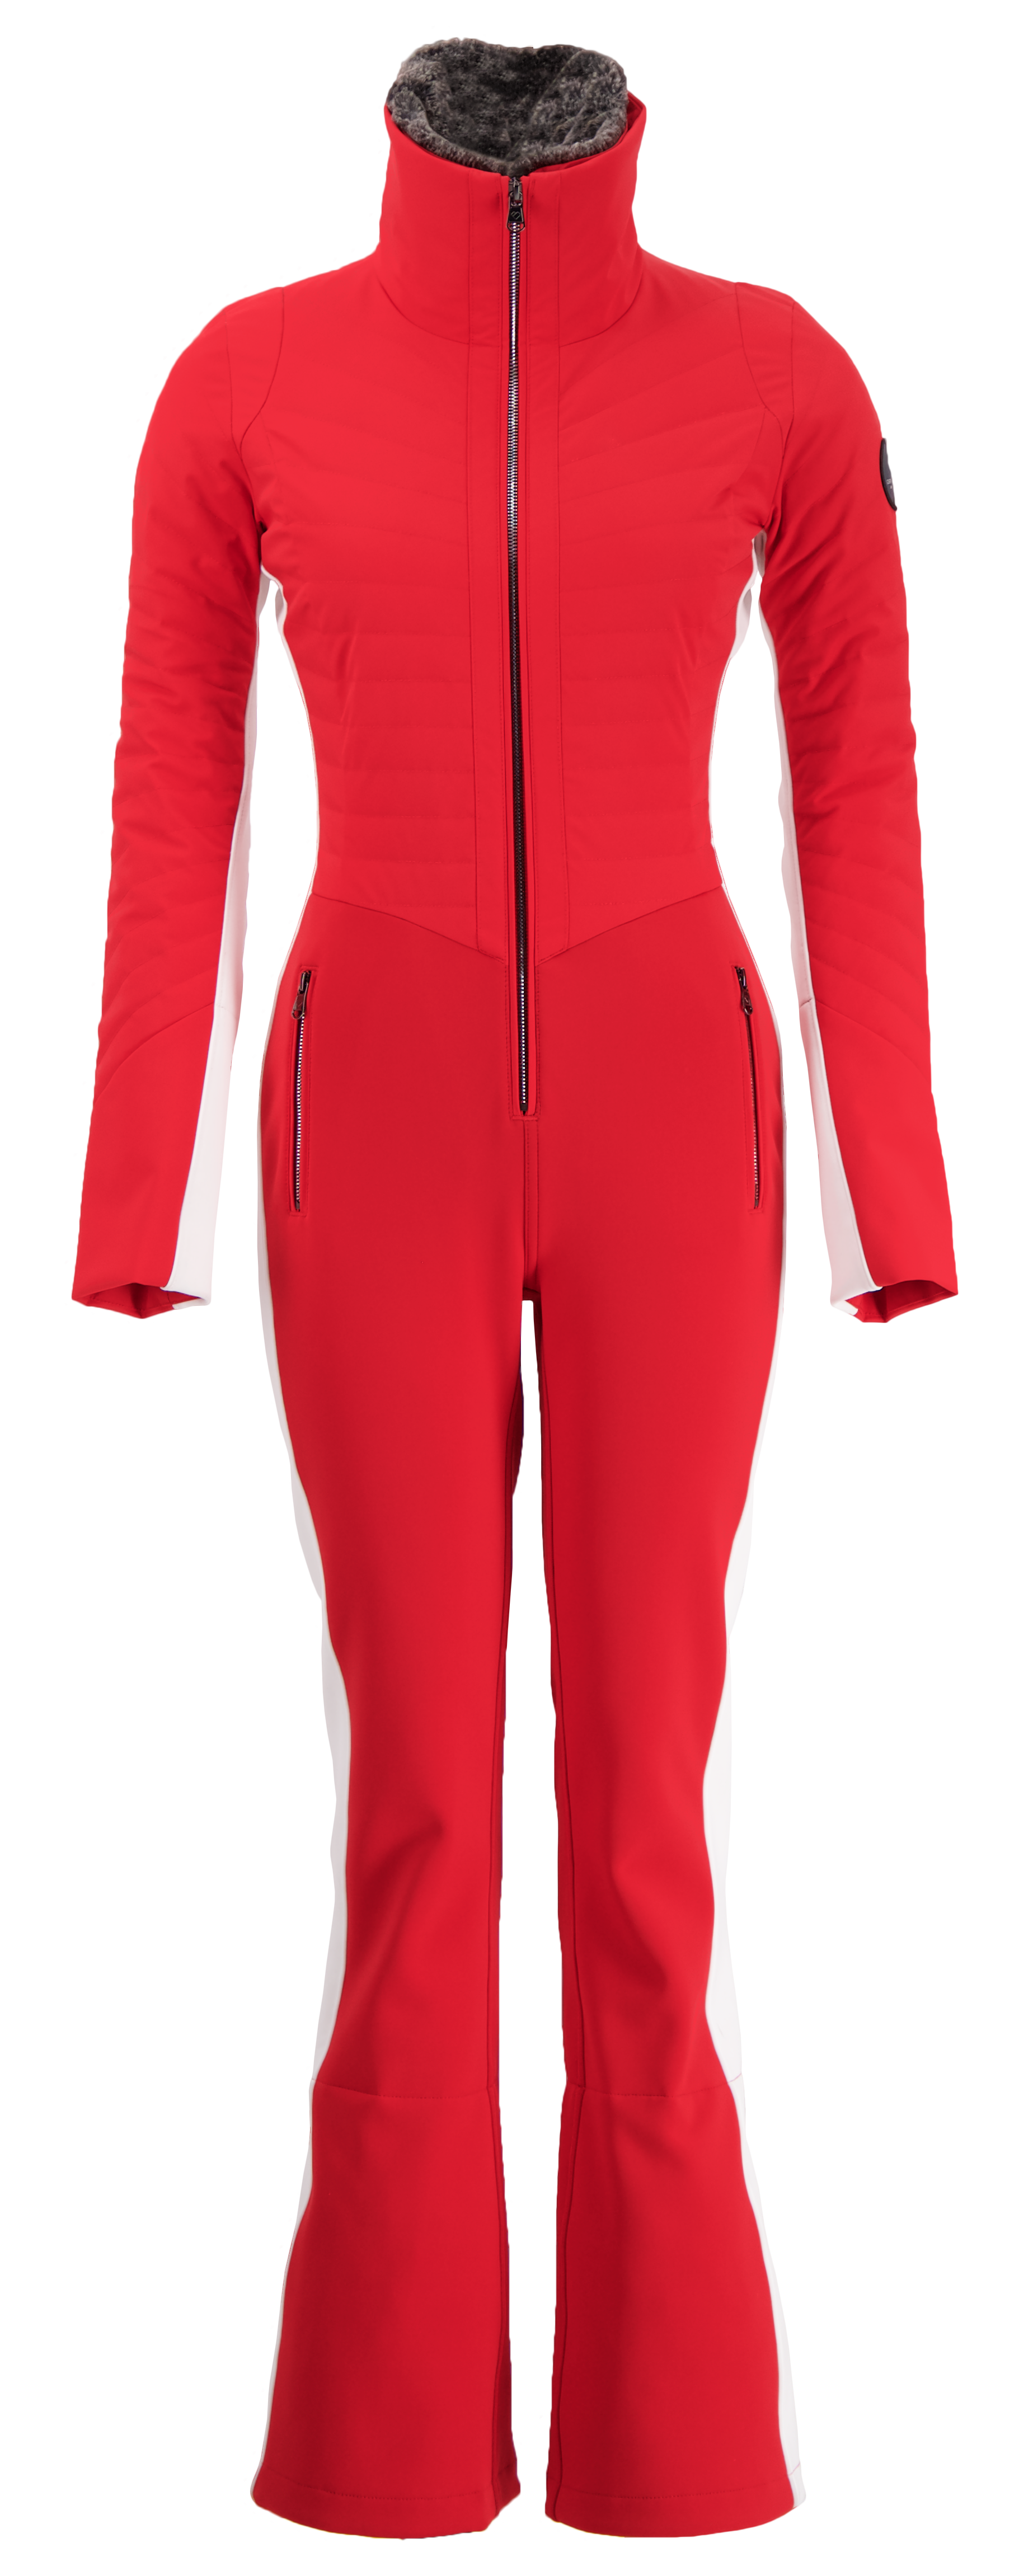 Arc'teryx Stikine Jacket (men's)